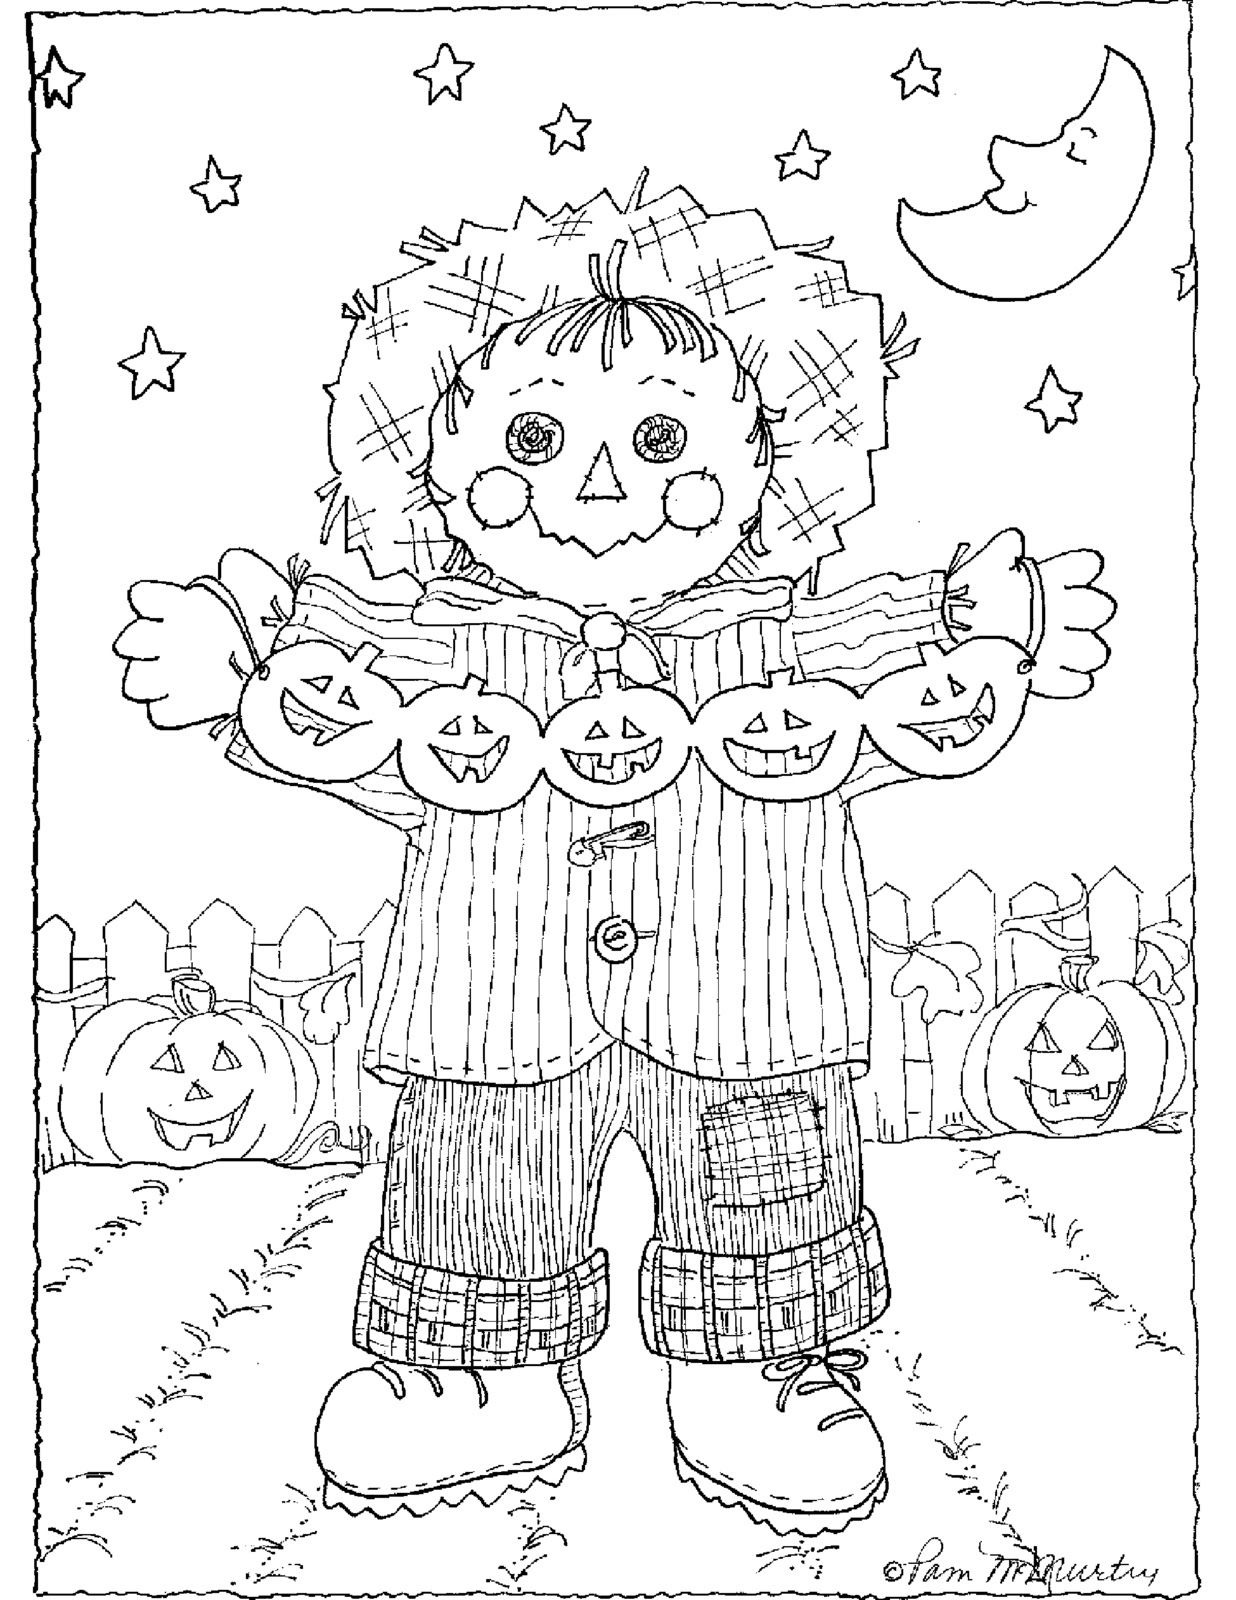 Scarecrows - Policecar